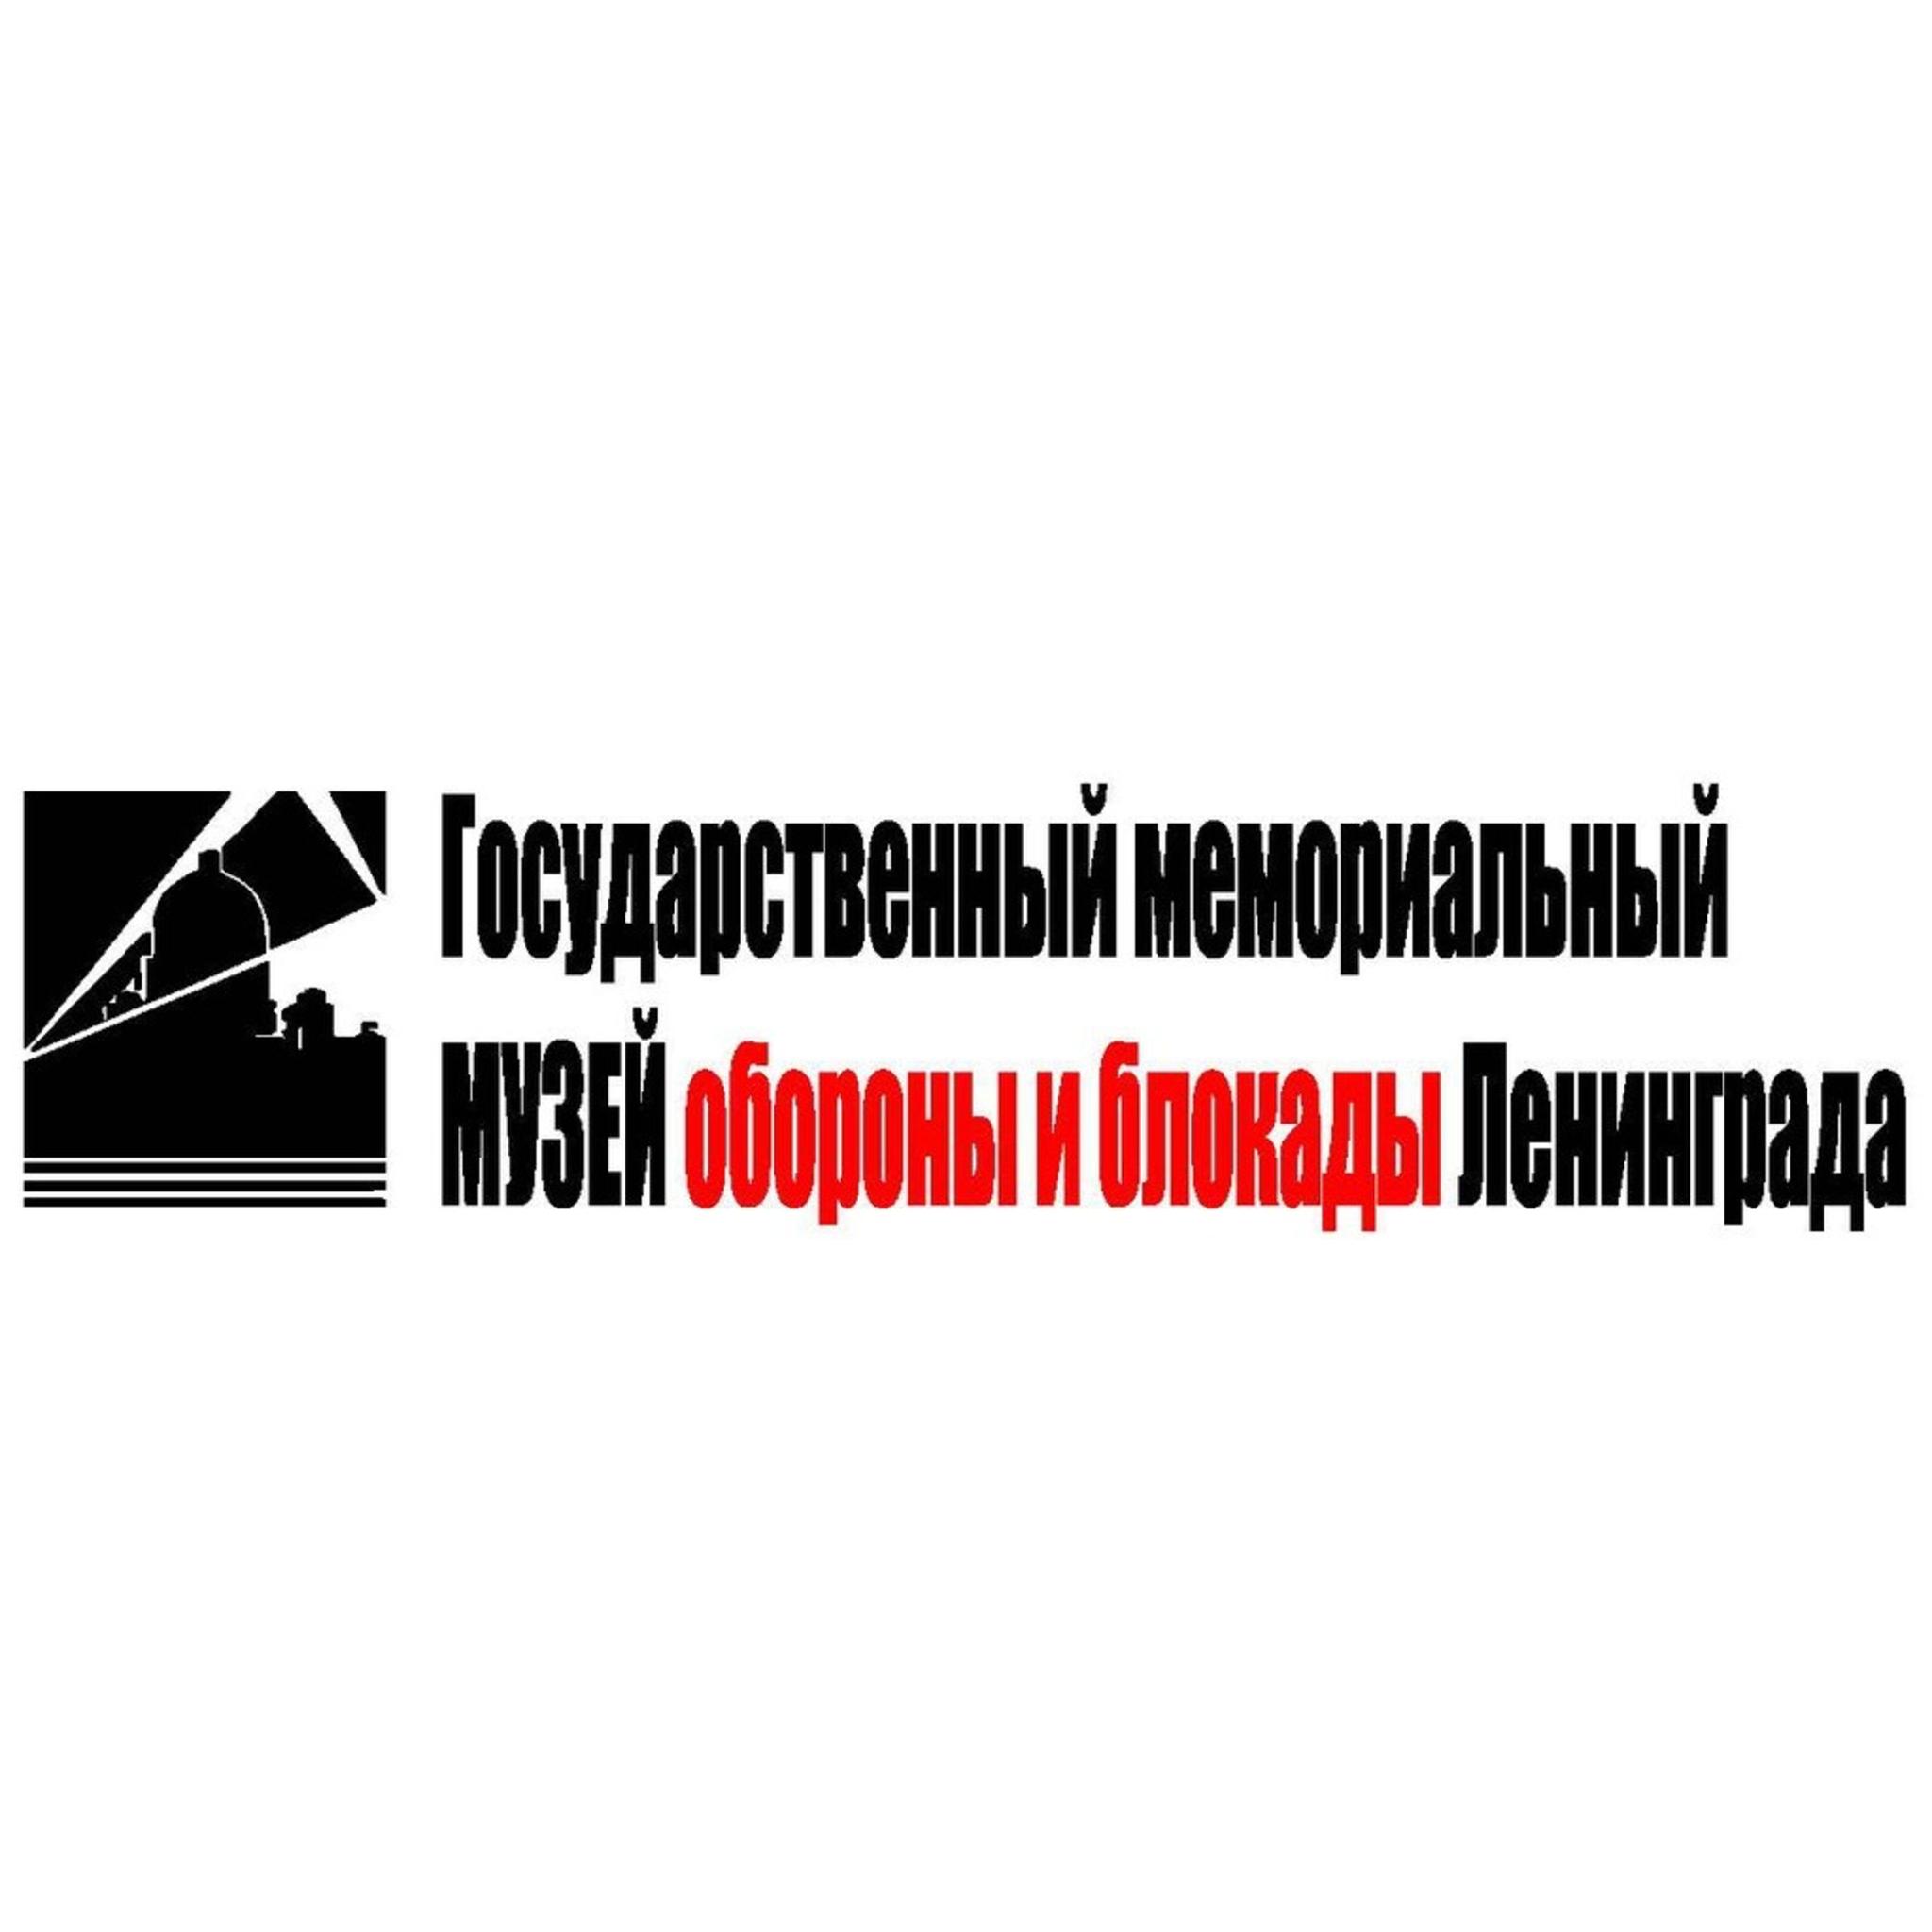 Blockade of Leningrad Museum